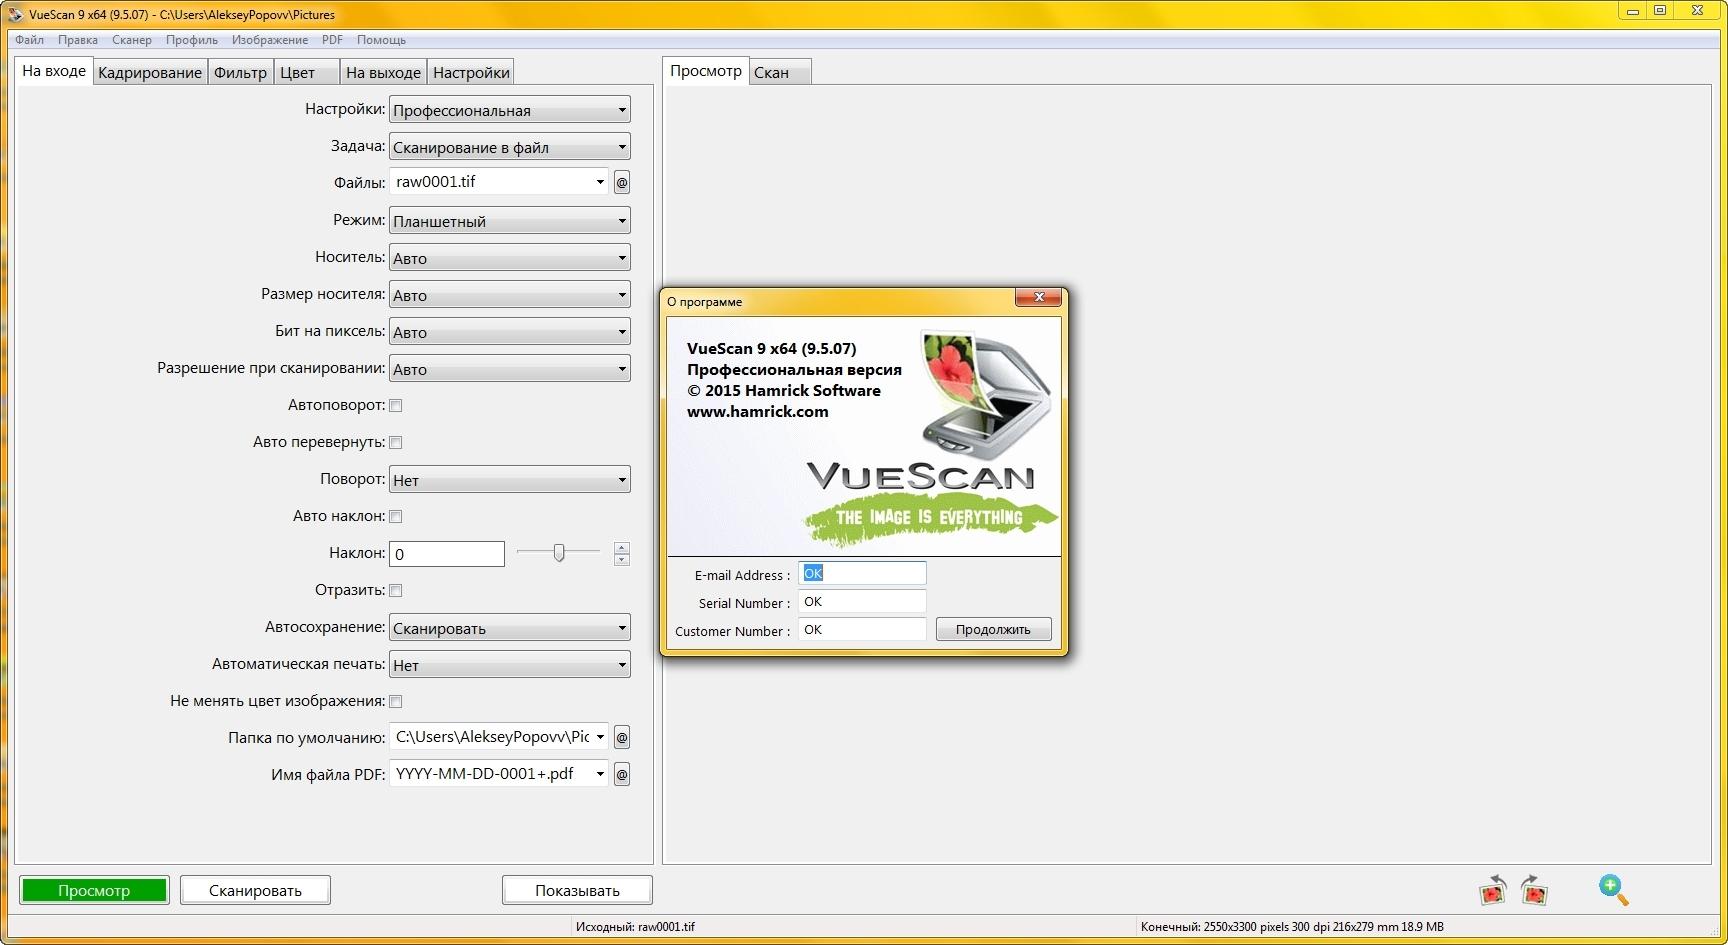 http://fs1.directupload.net/images/150316/fnclgrrt.jpg